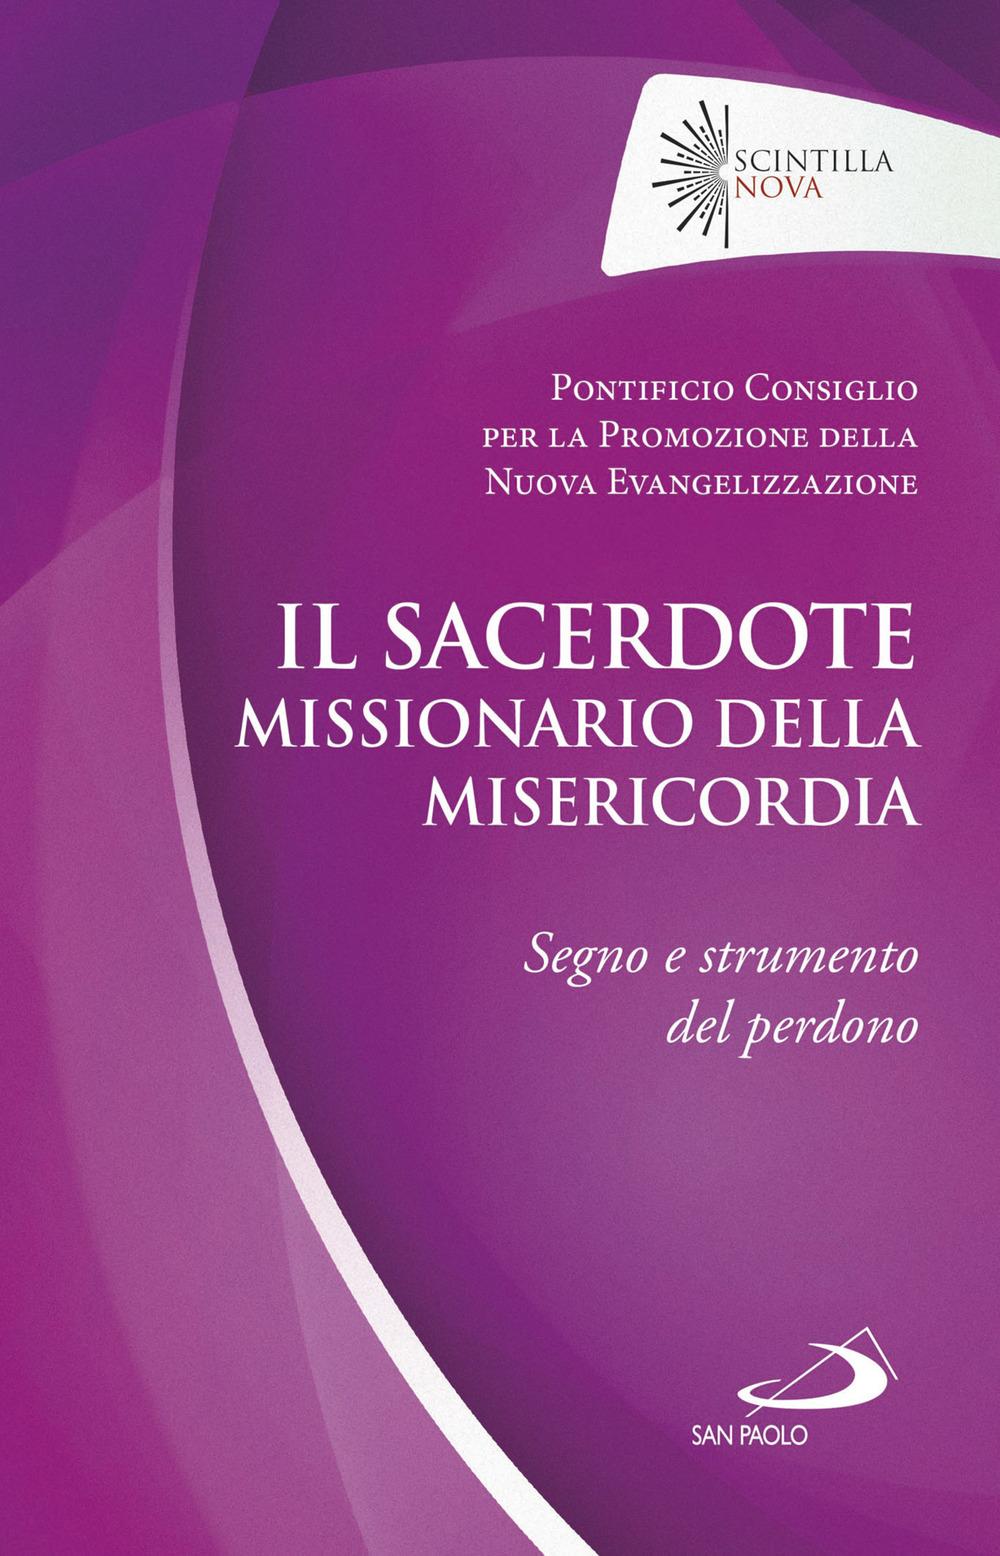 Image of Il sacerdote missionario della misericordia. Segno e strumento del perdono